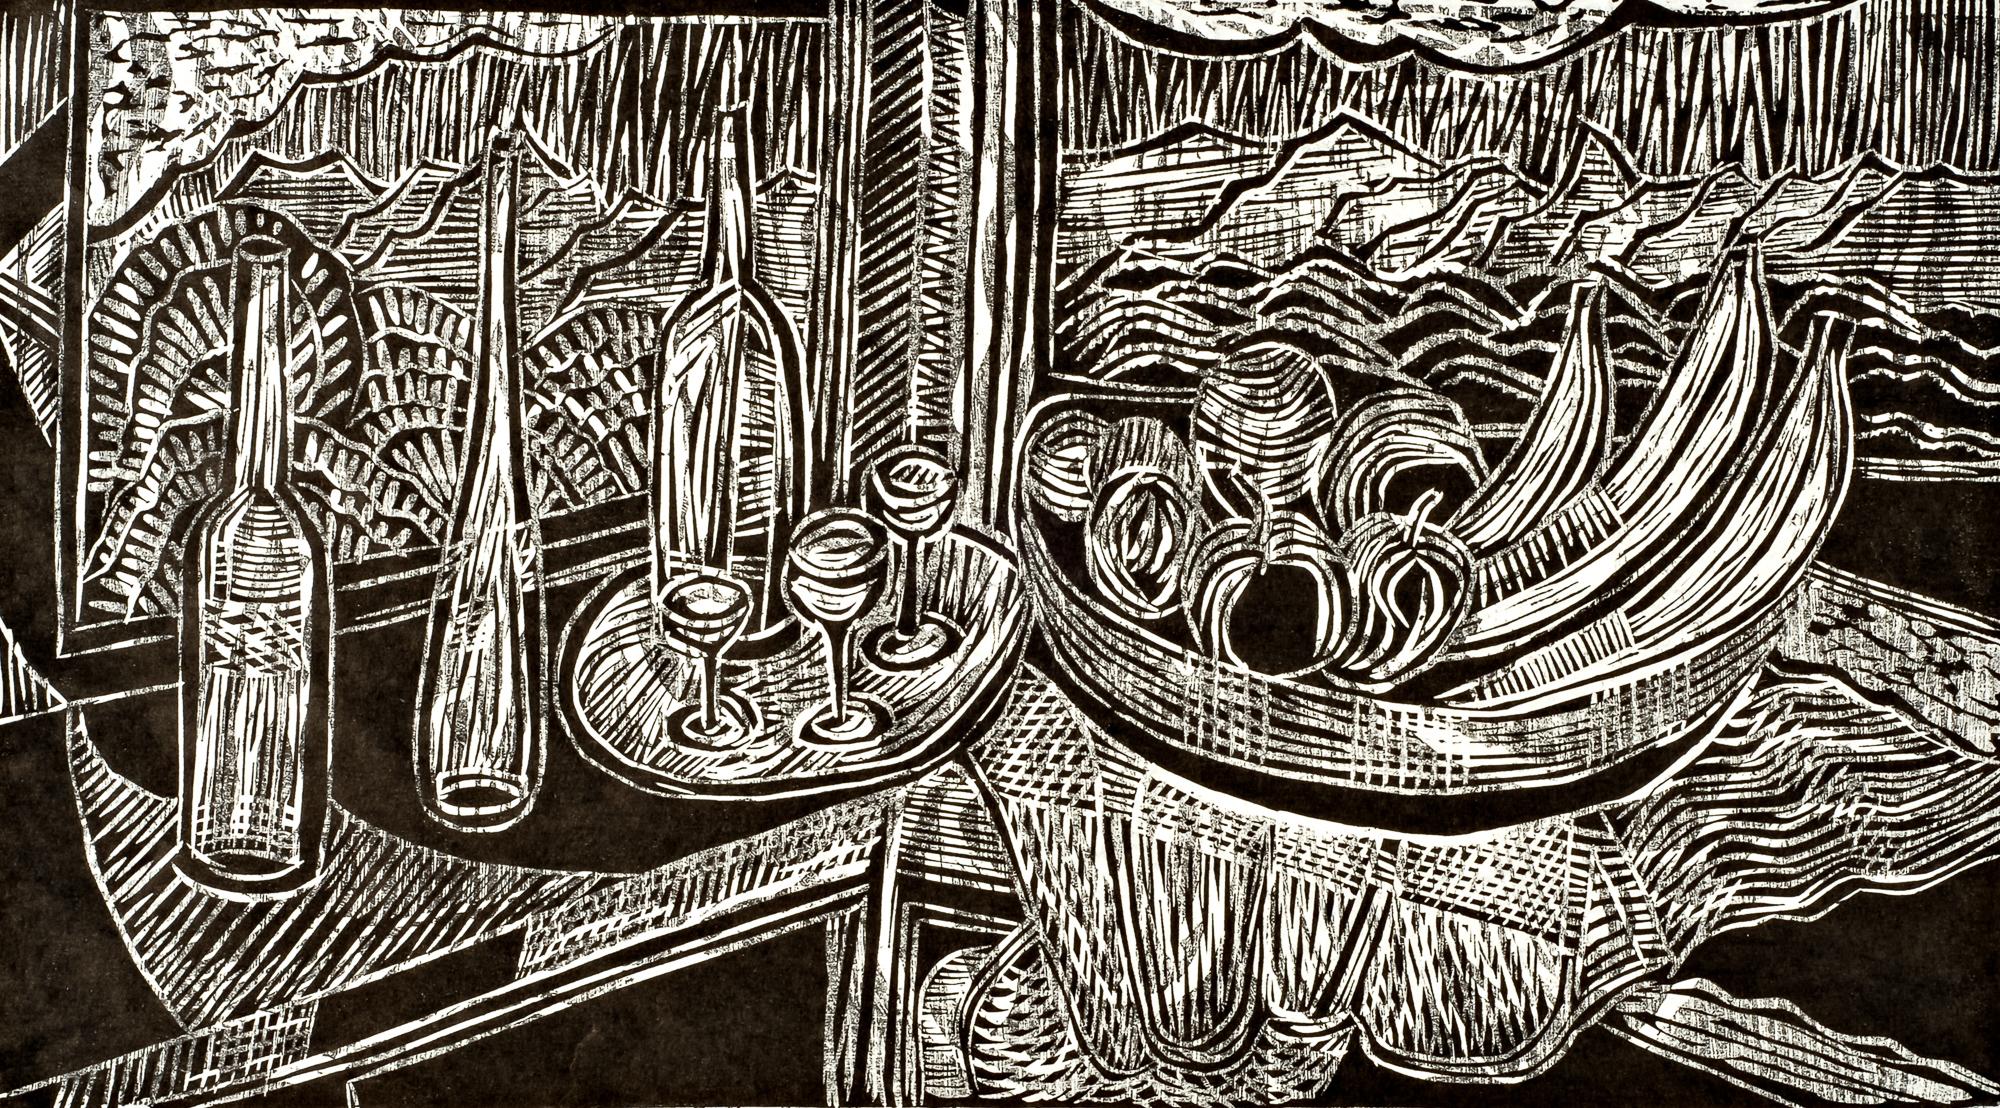 Corner Still Life, 11 ½ x 20 5/8, 1997